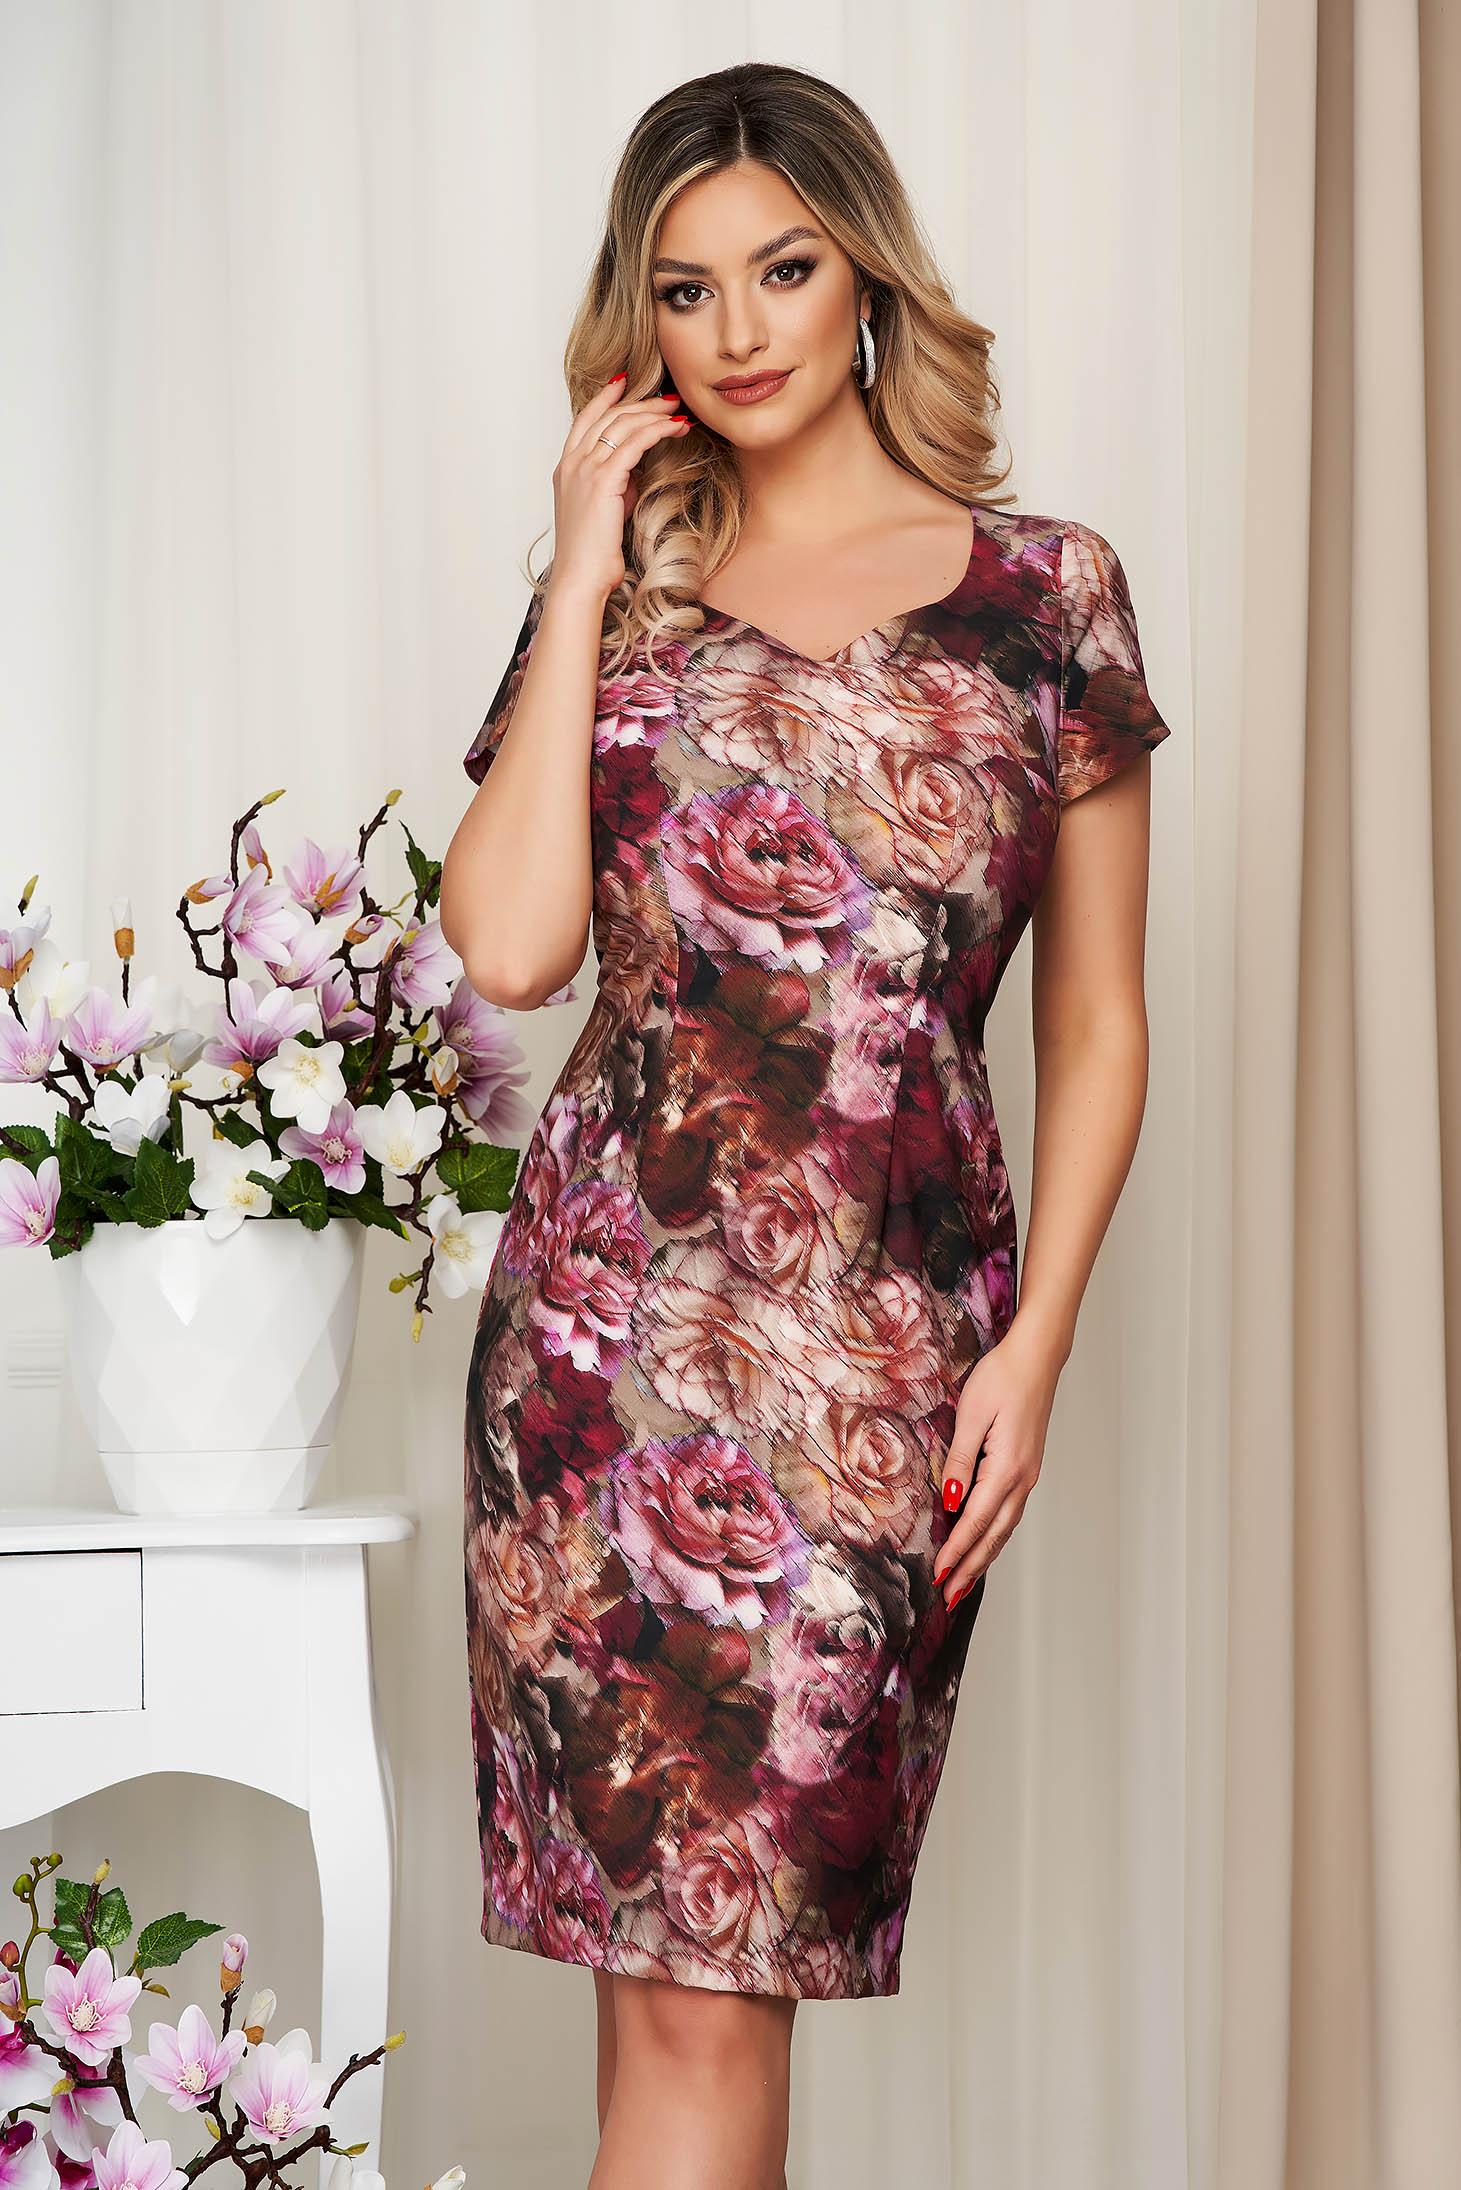 Rochie caramizie cu imprimeu floral din material elastic tip creion captusita pe interior